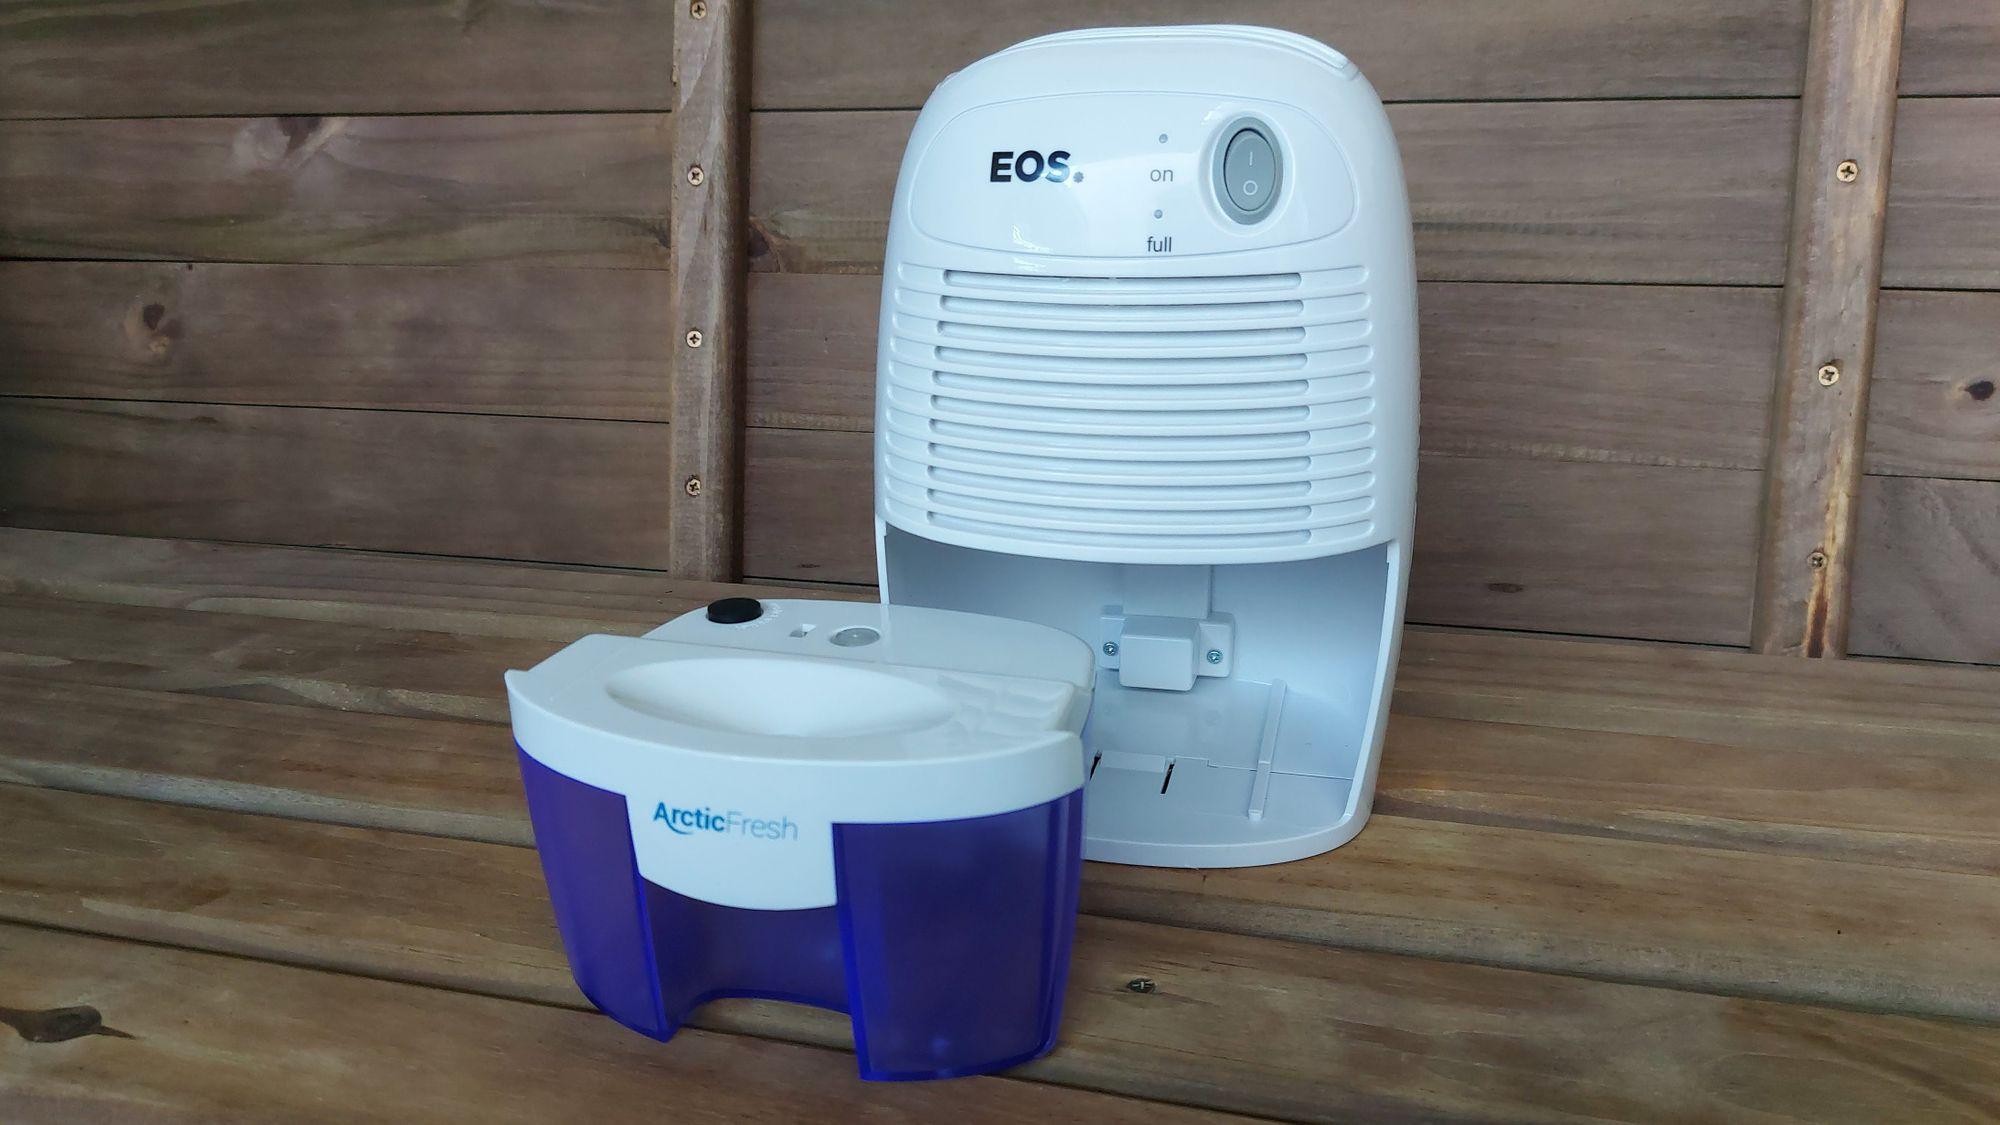 O desumidificador de ar antimofo EOS Arctic Fresh é pequeno e eficiente (Foto: Ariel Cristina Borges)